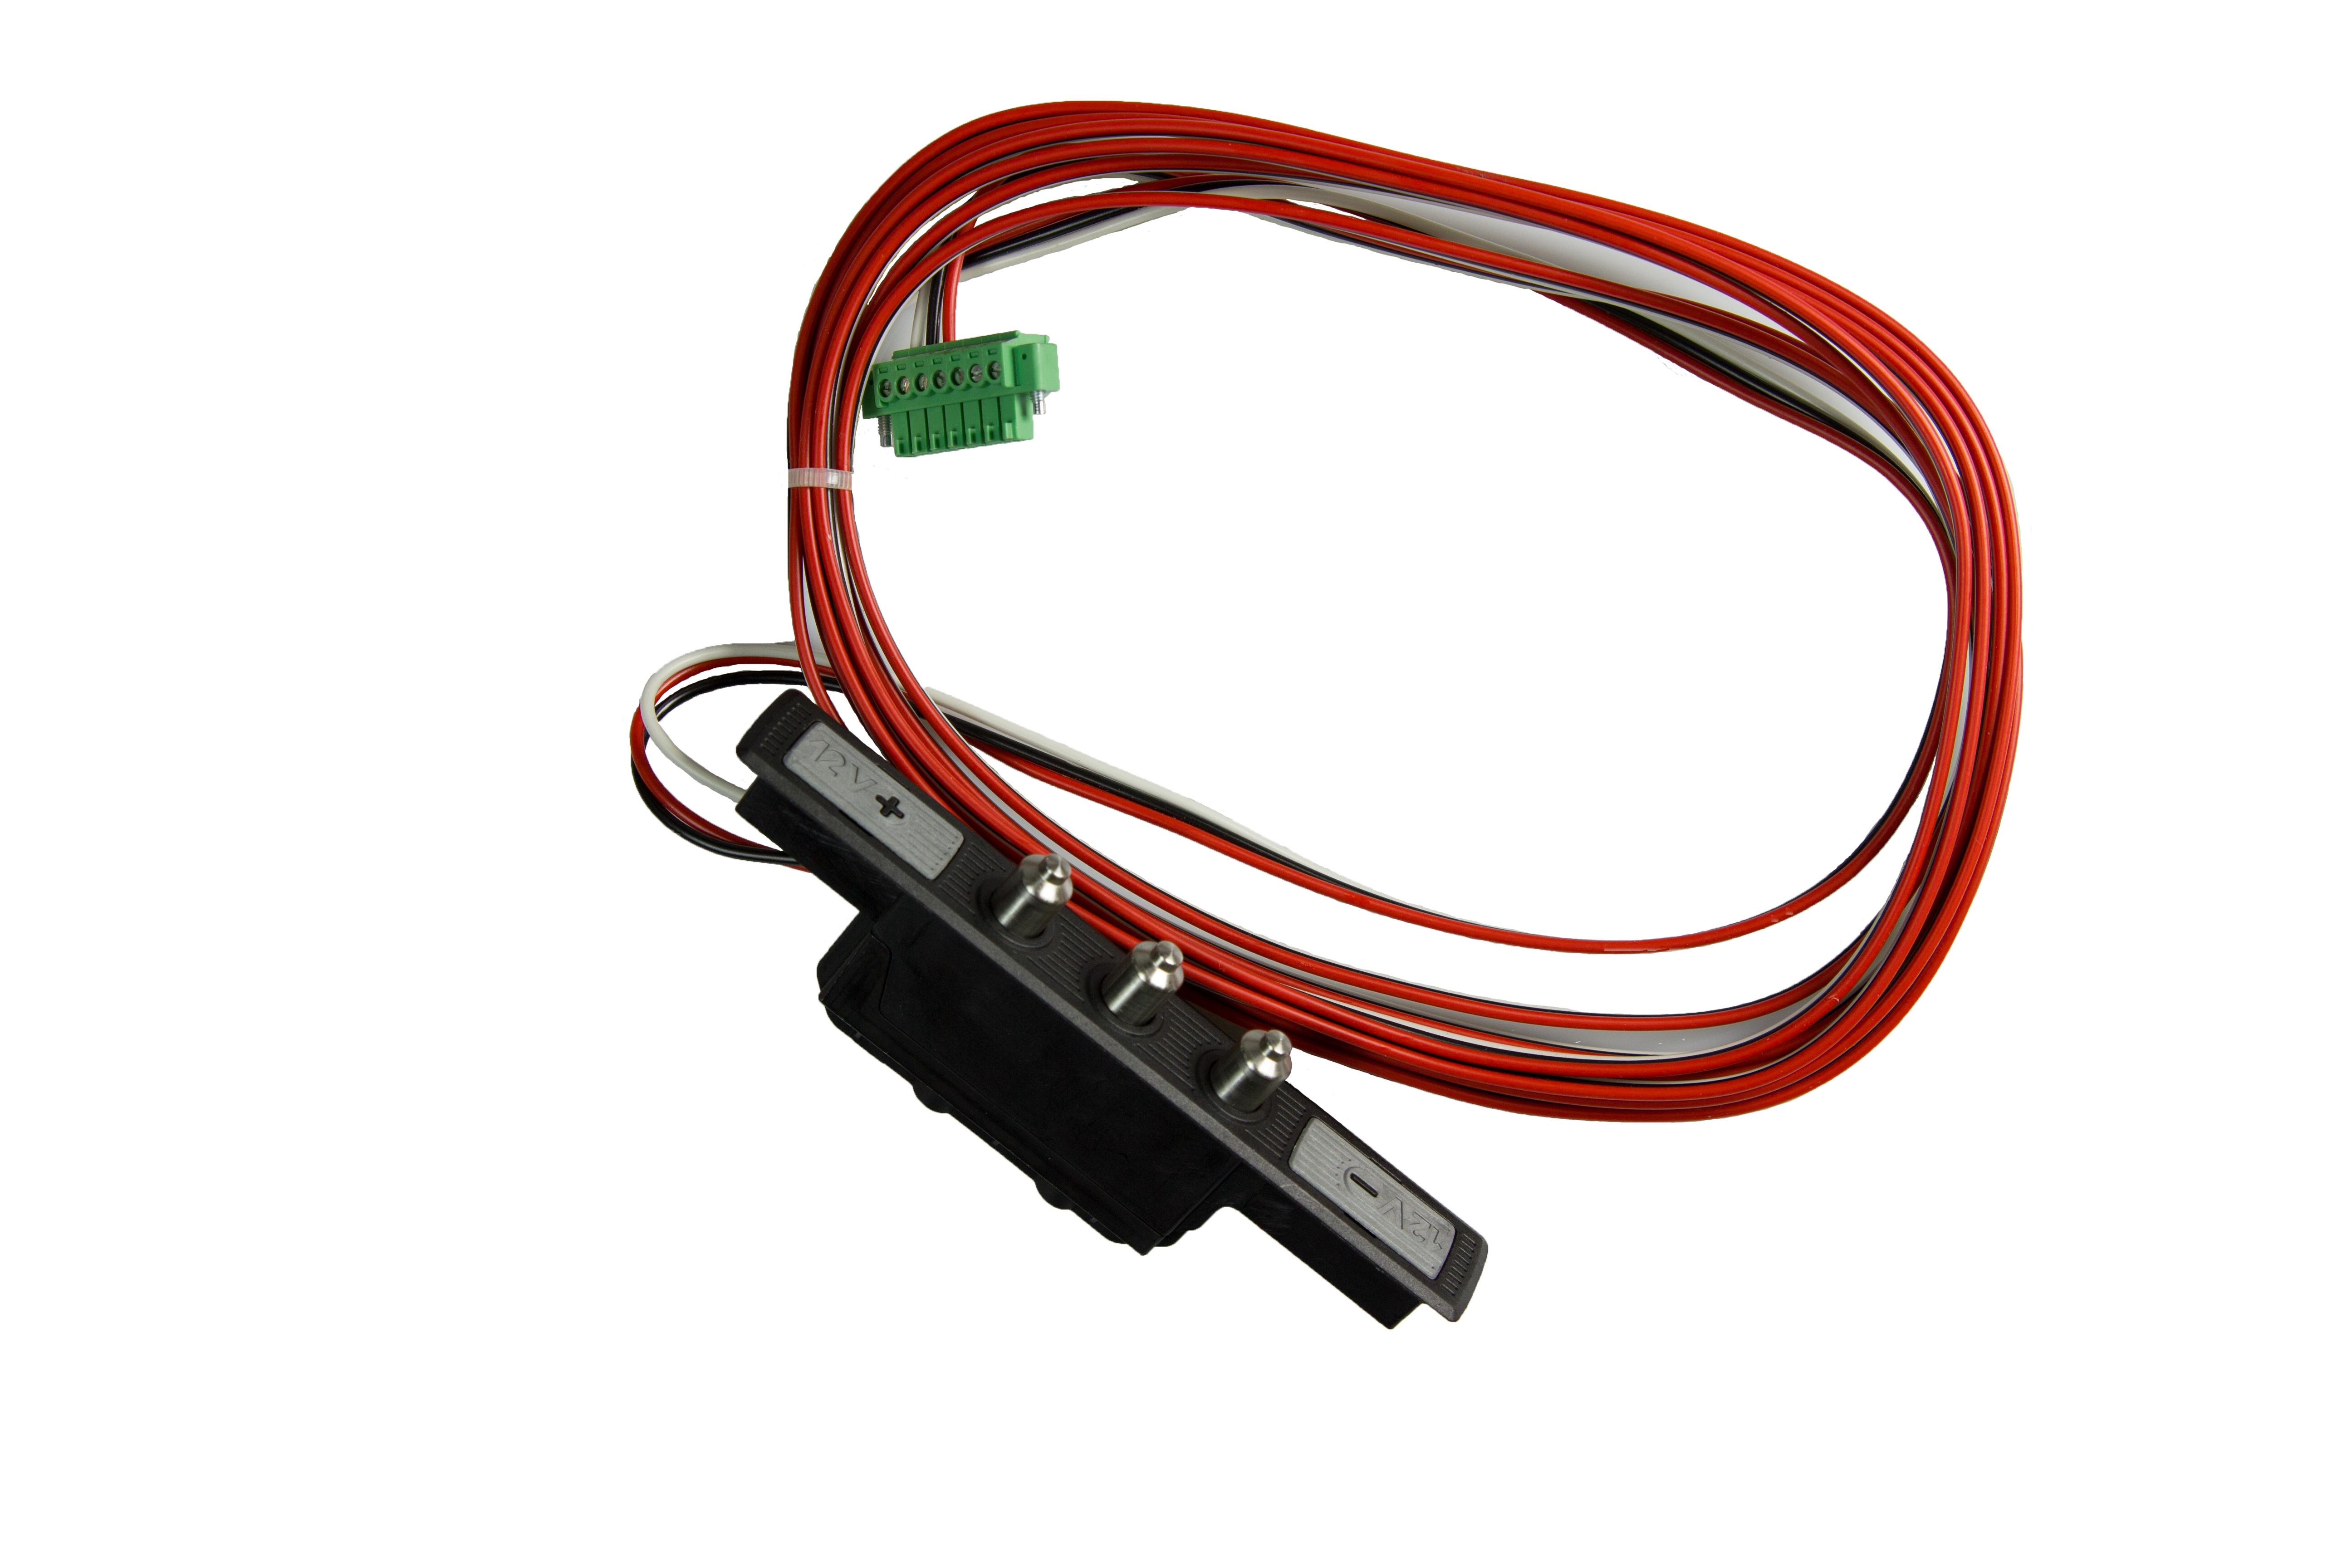 Kabelovergang deurdeel inclusief kabel en connector